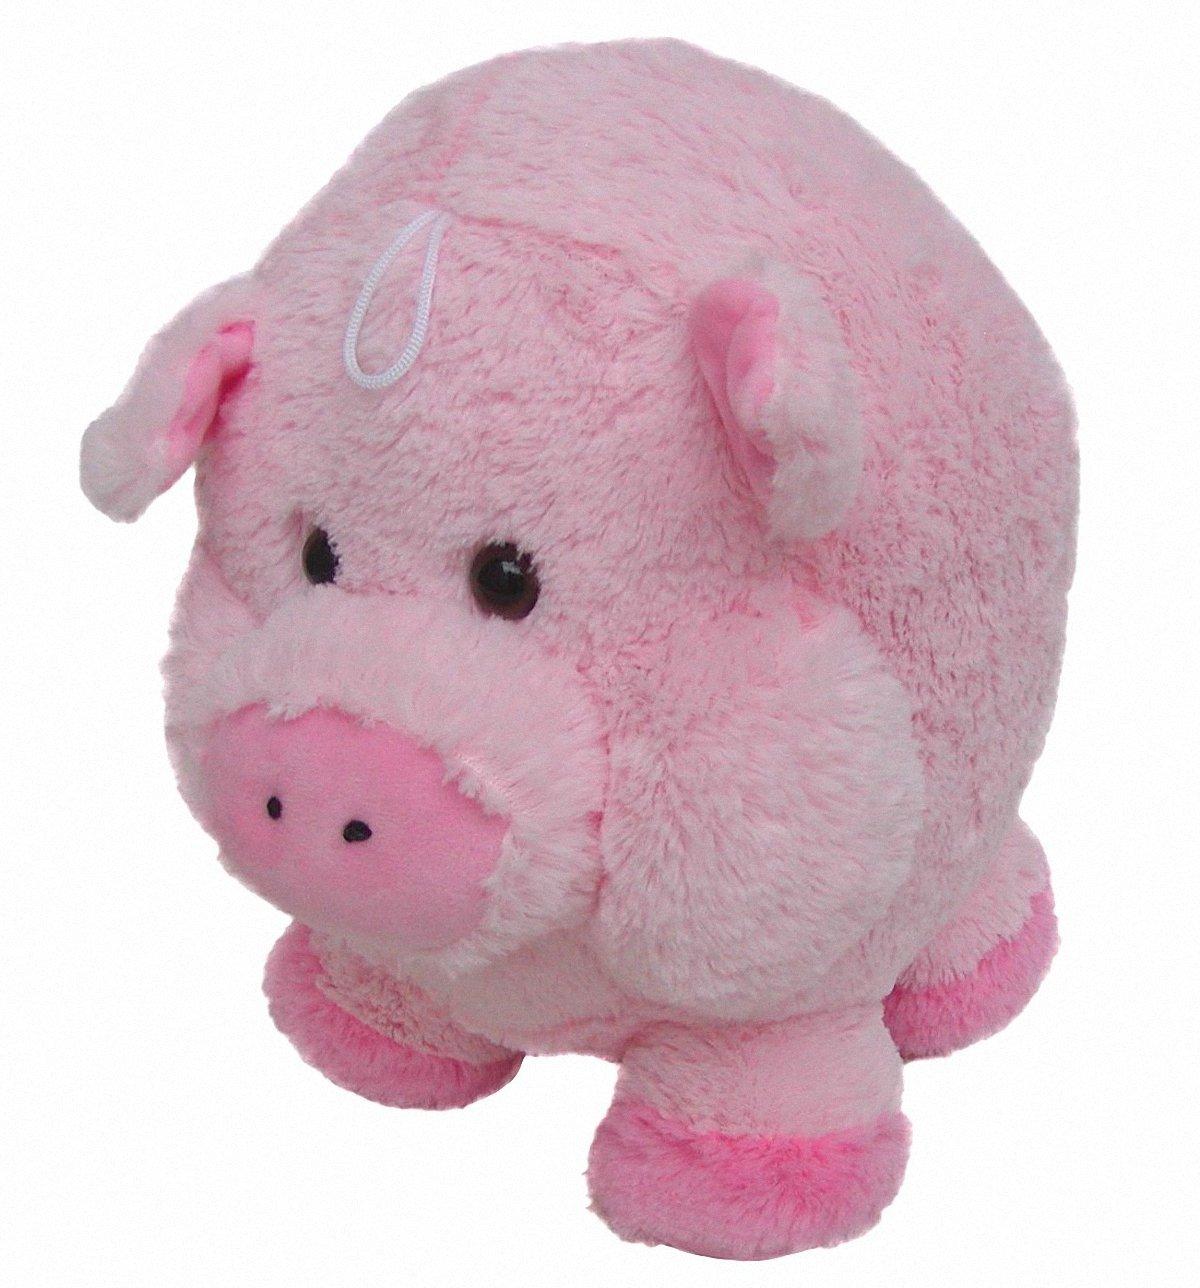 /Ø ca Chamier Lammfellprodukte s/ü/ßes superweiches Stofftier Kuscheltier Kugel Schwein aus Mikrofaser rosa voll waschbar bei 30 Grad 35 cm